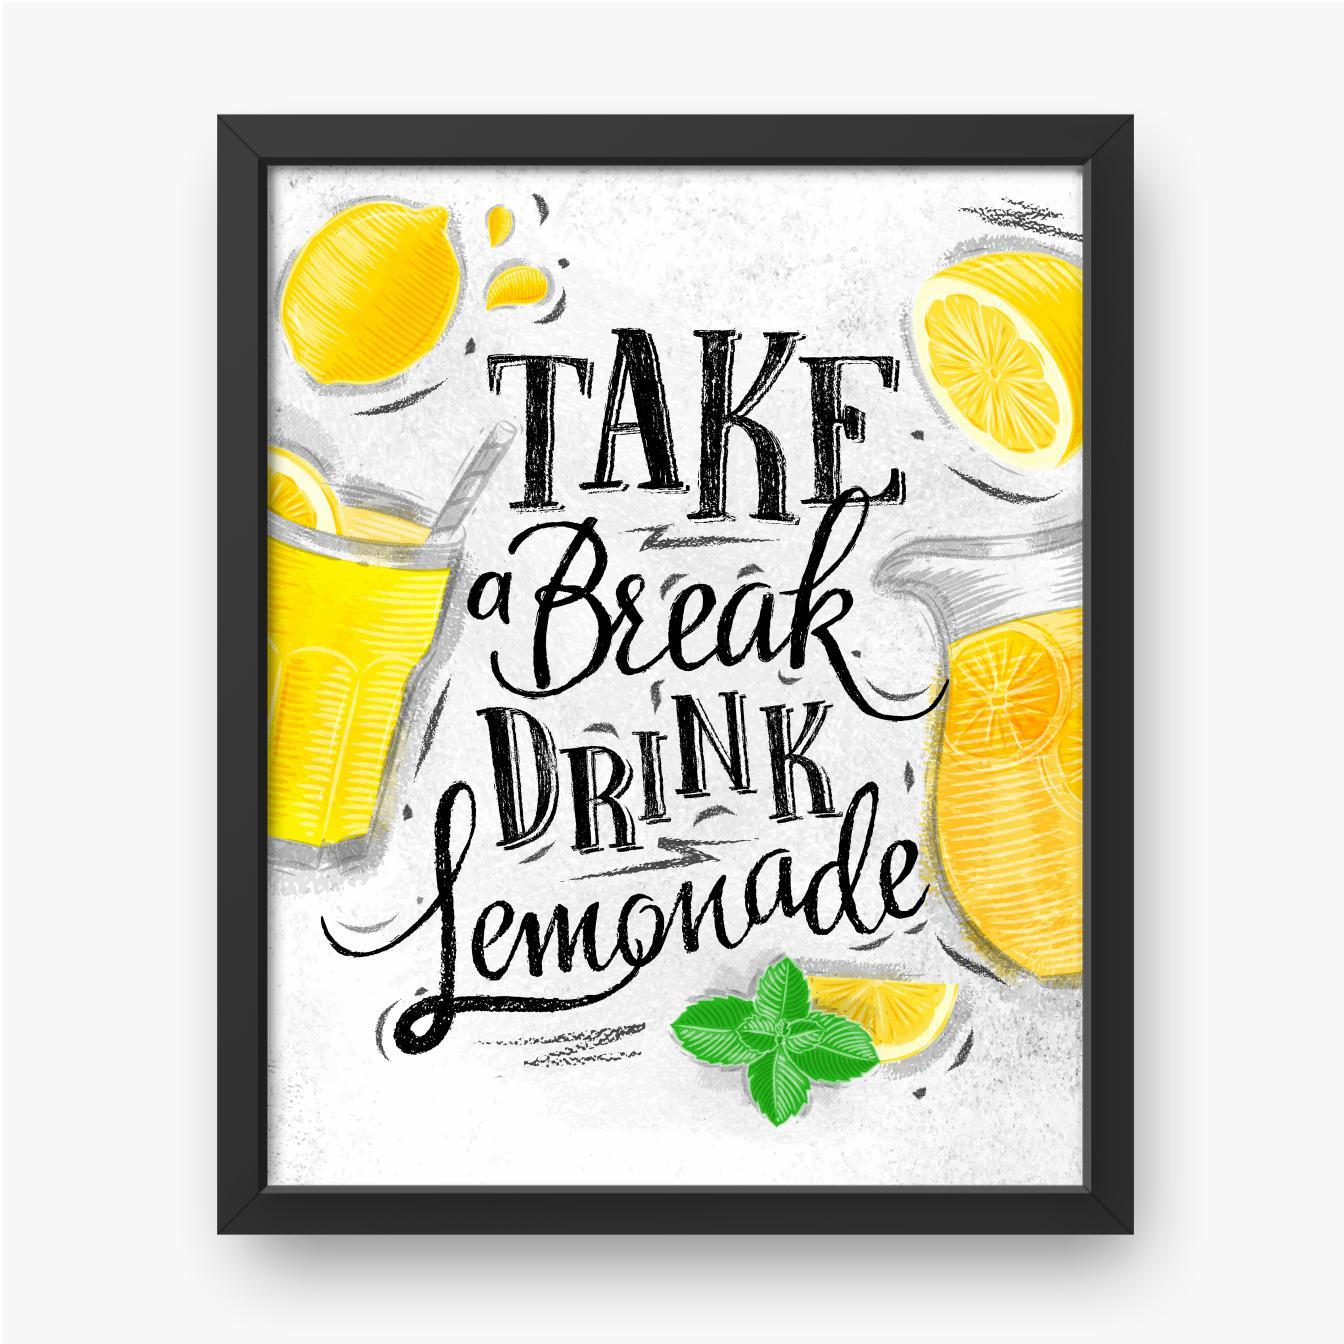 Zitronen, Gläser mit Limonade und eine Inschrift auf weißem Grund